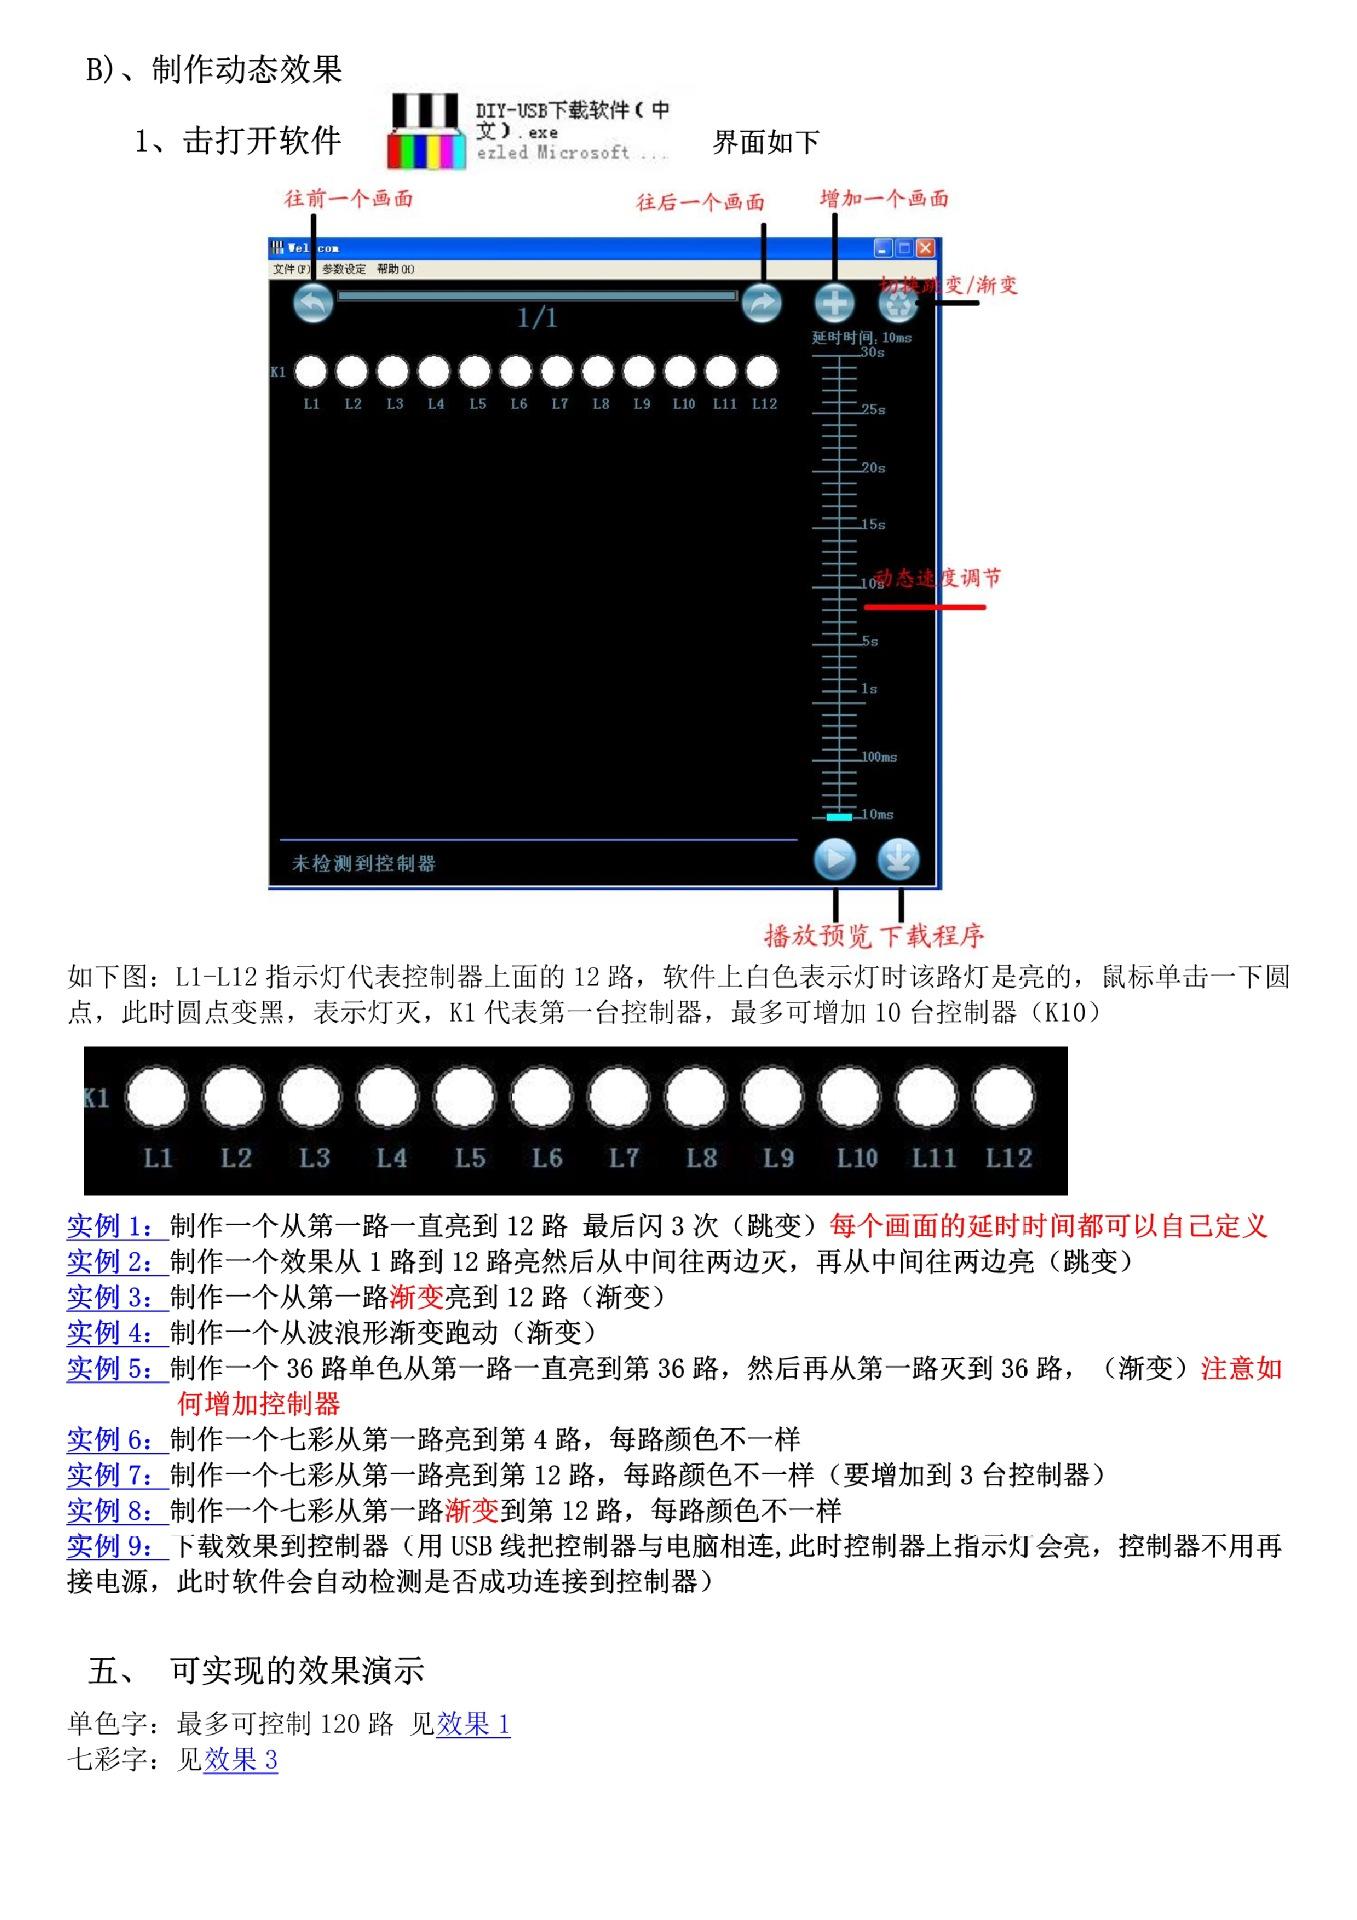 DIY-USB_3.jpg